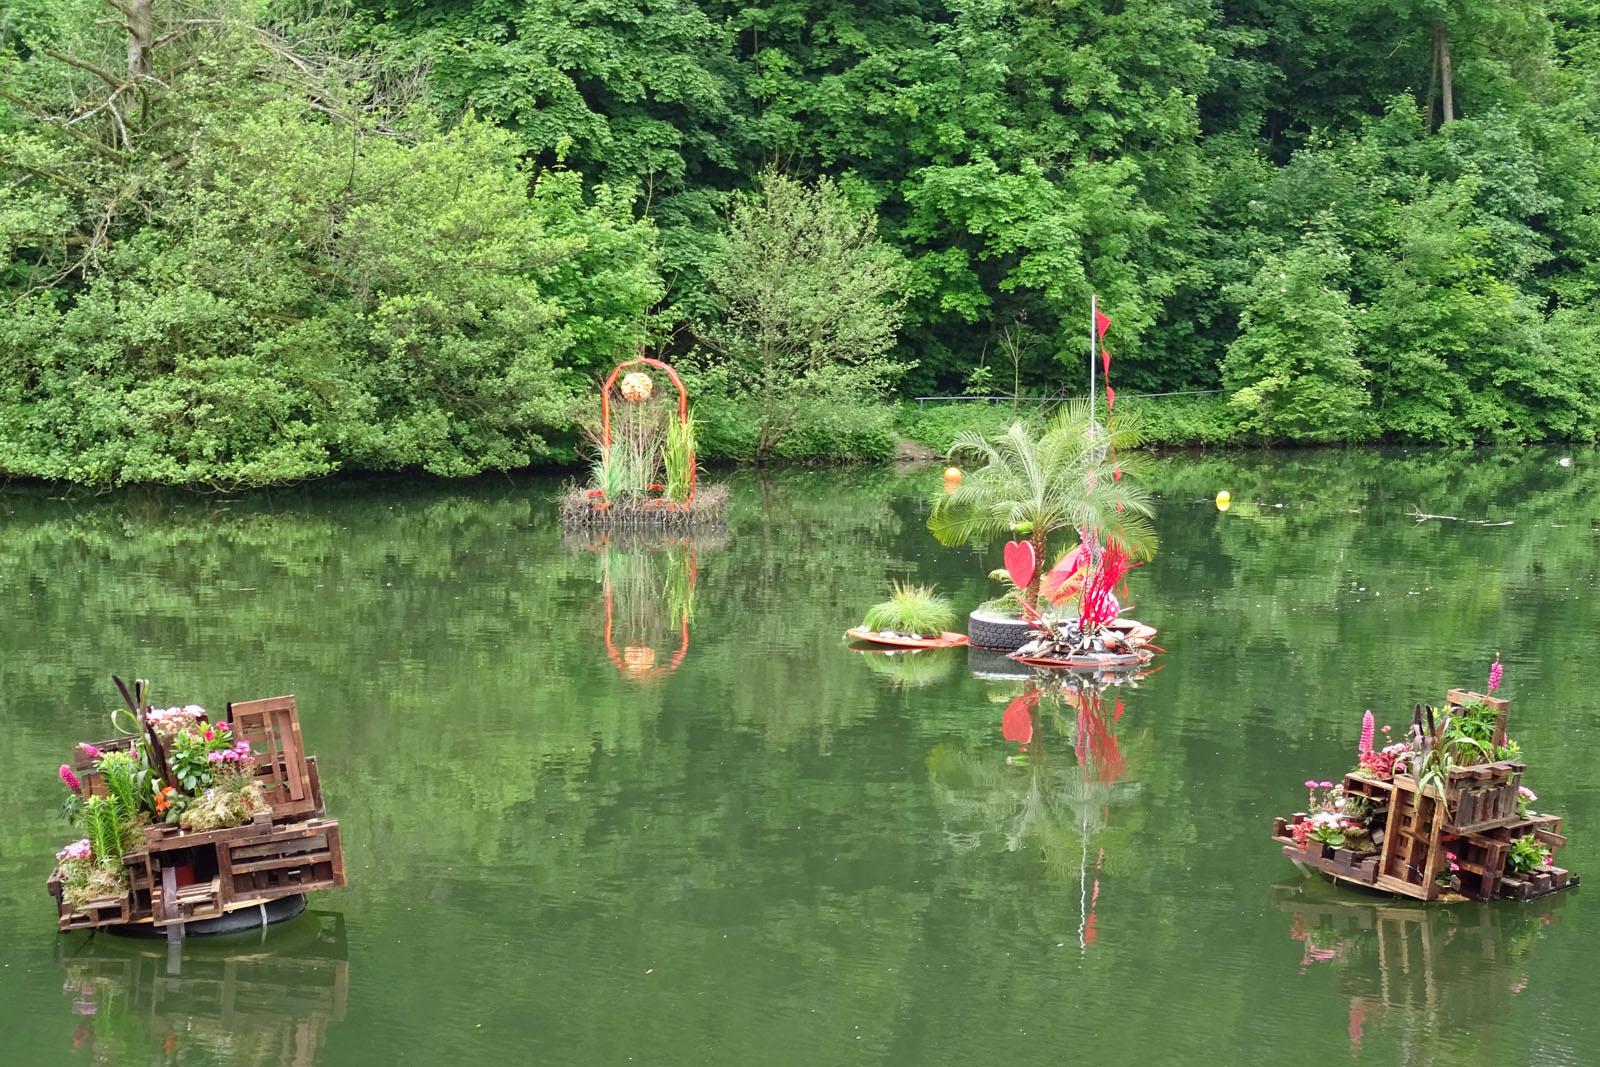 Impressionen von der Landesgartenschau in Mu00fchlacker : mmth ...